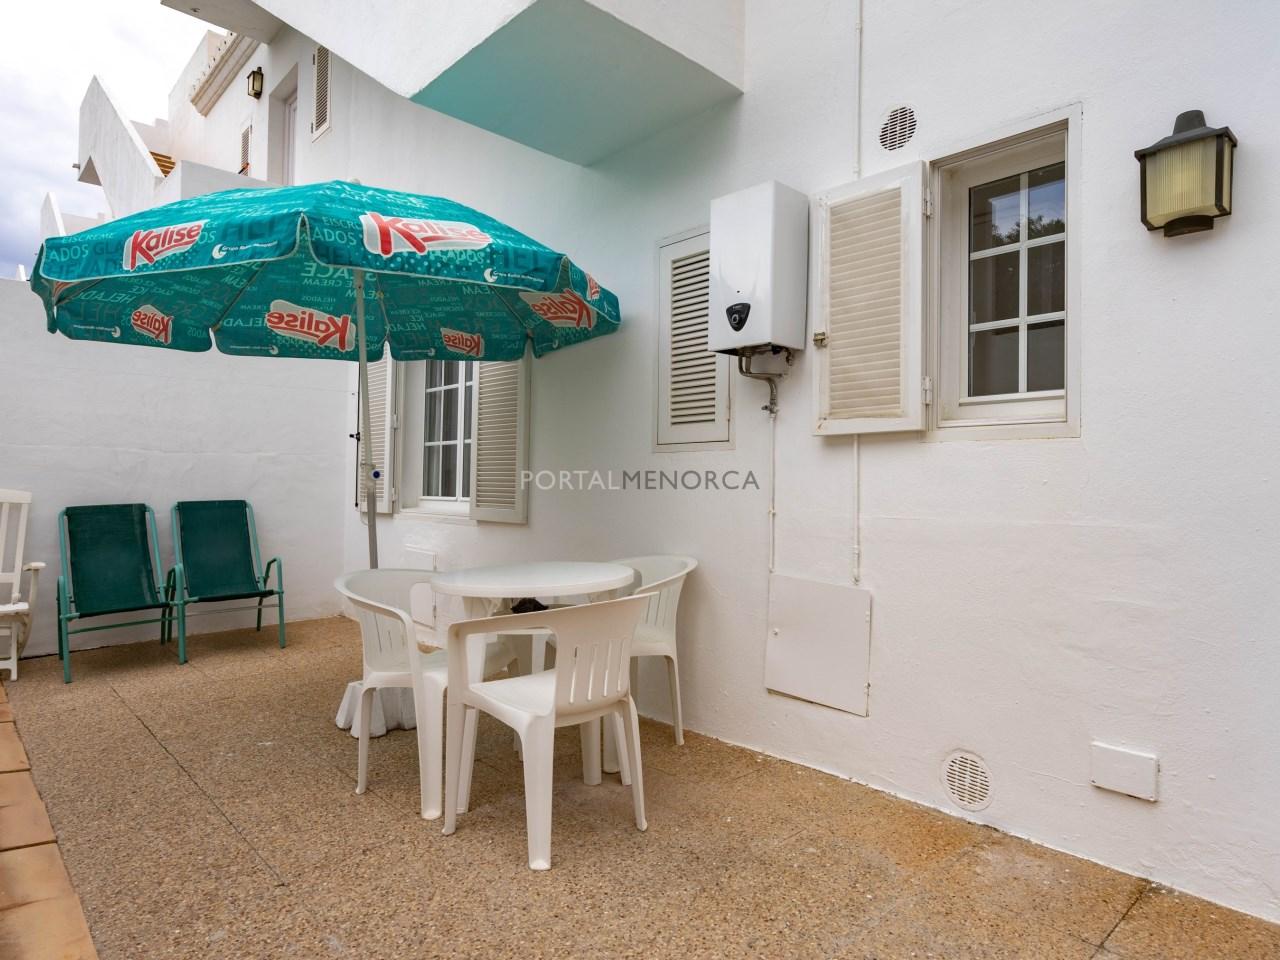 apartamento licencia turistica (3)